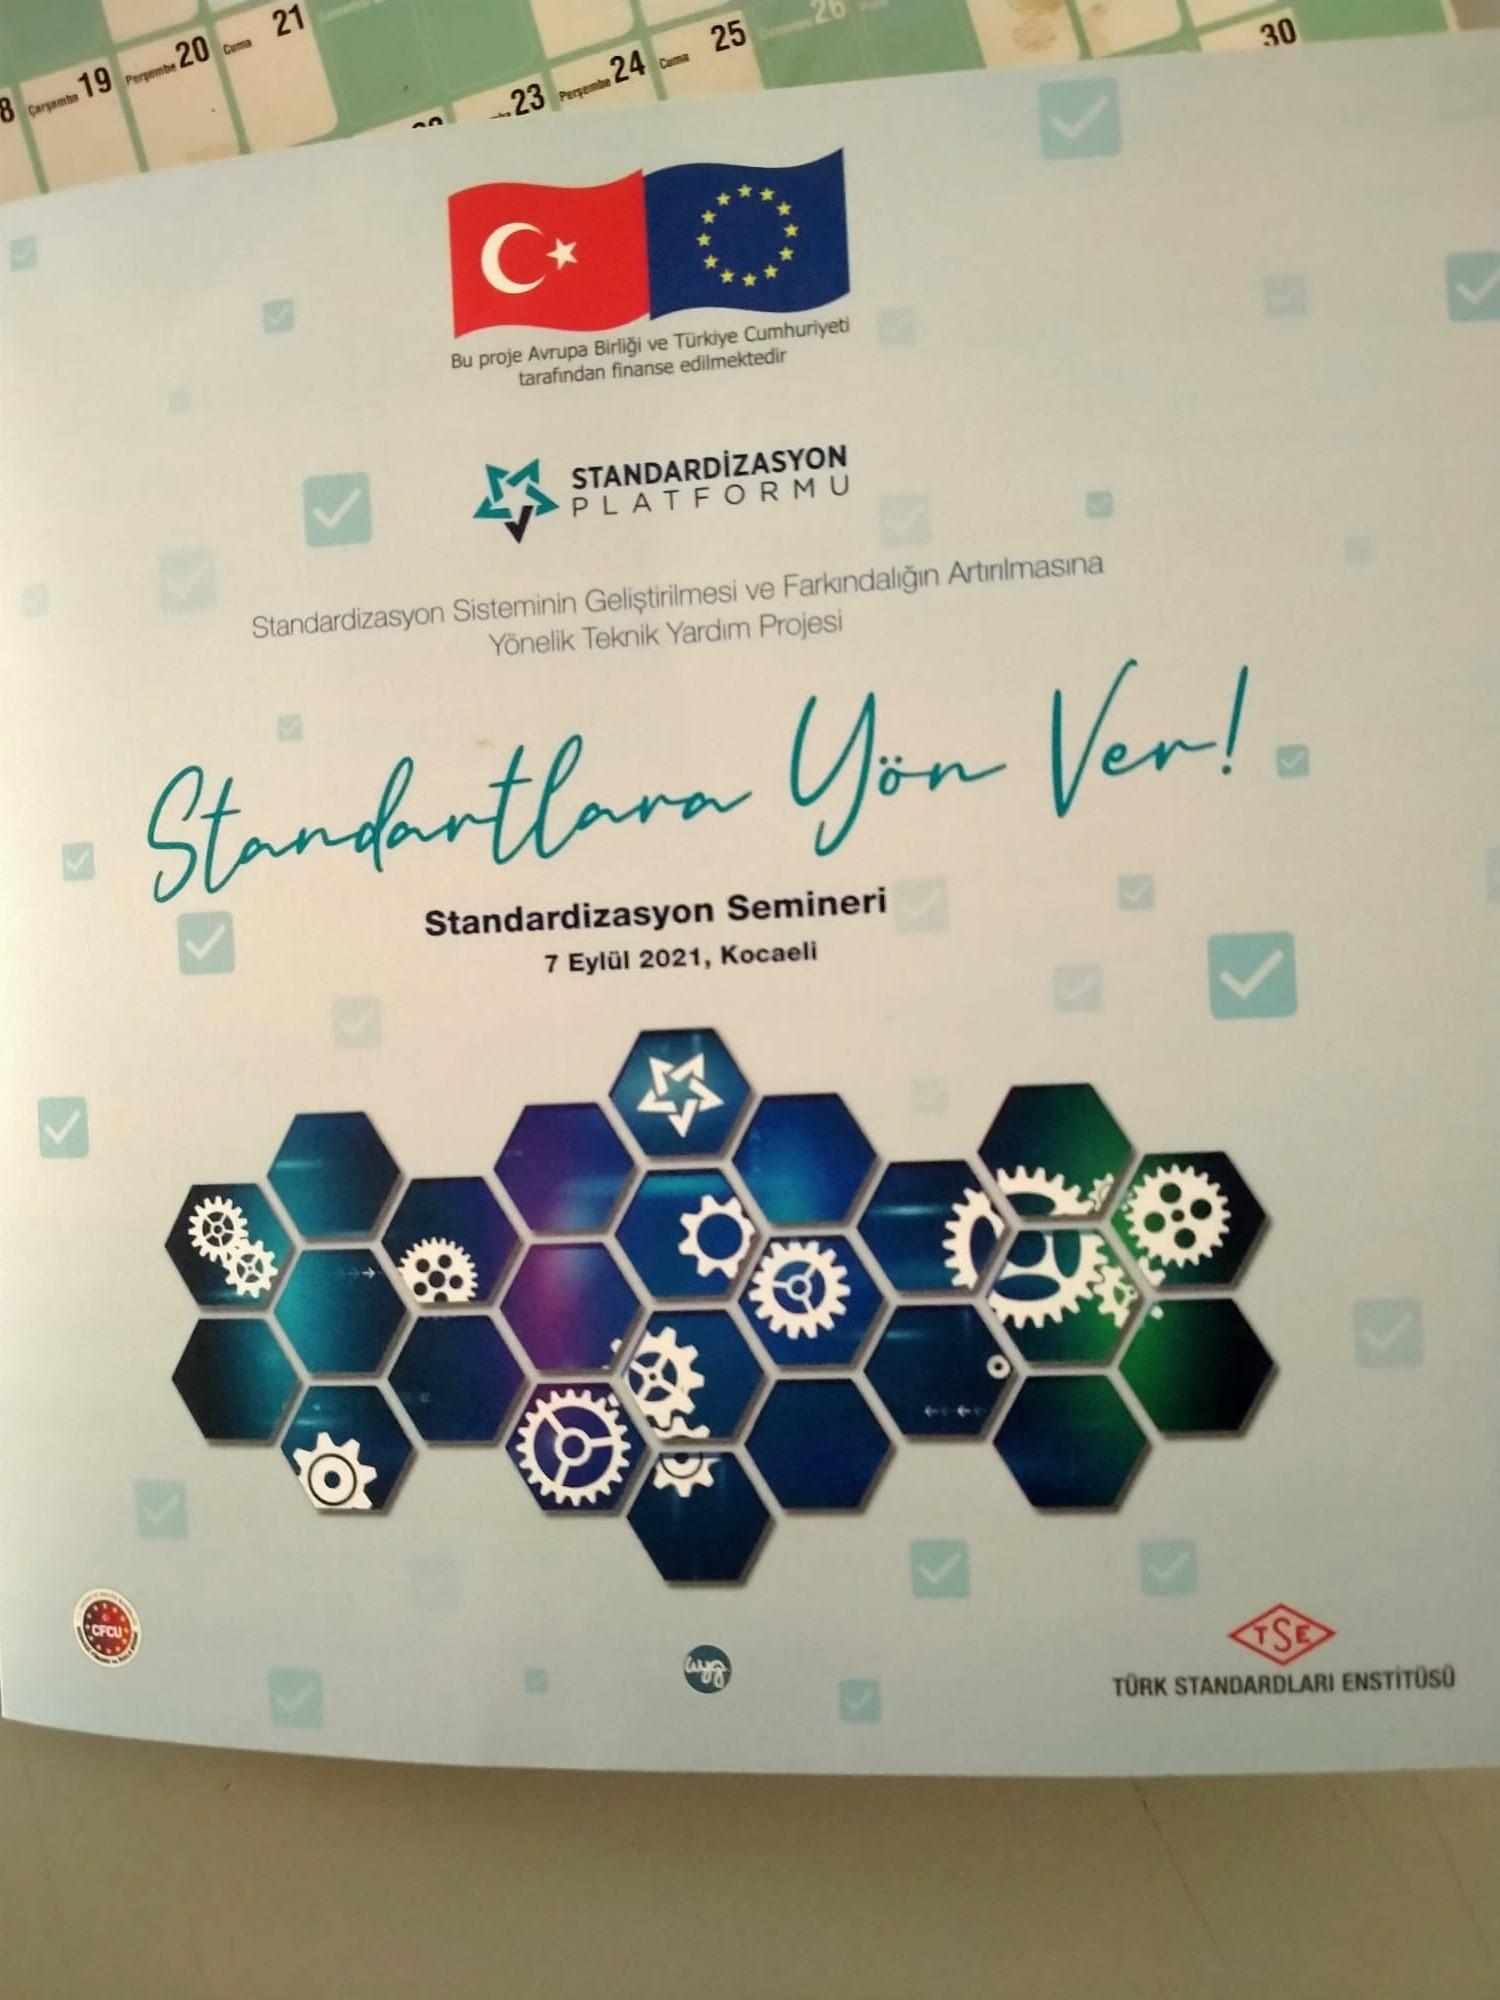 """Türk Standardları Enstitüsü Kocaeli'de """"Standardizasyon Semineri"""" düzenleyecek"""